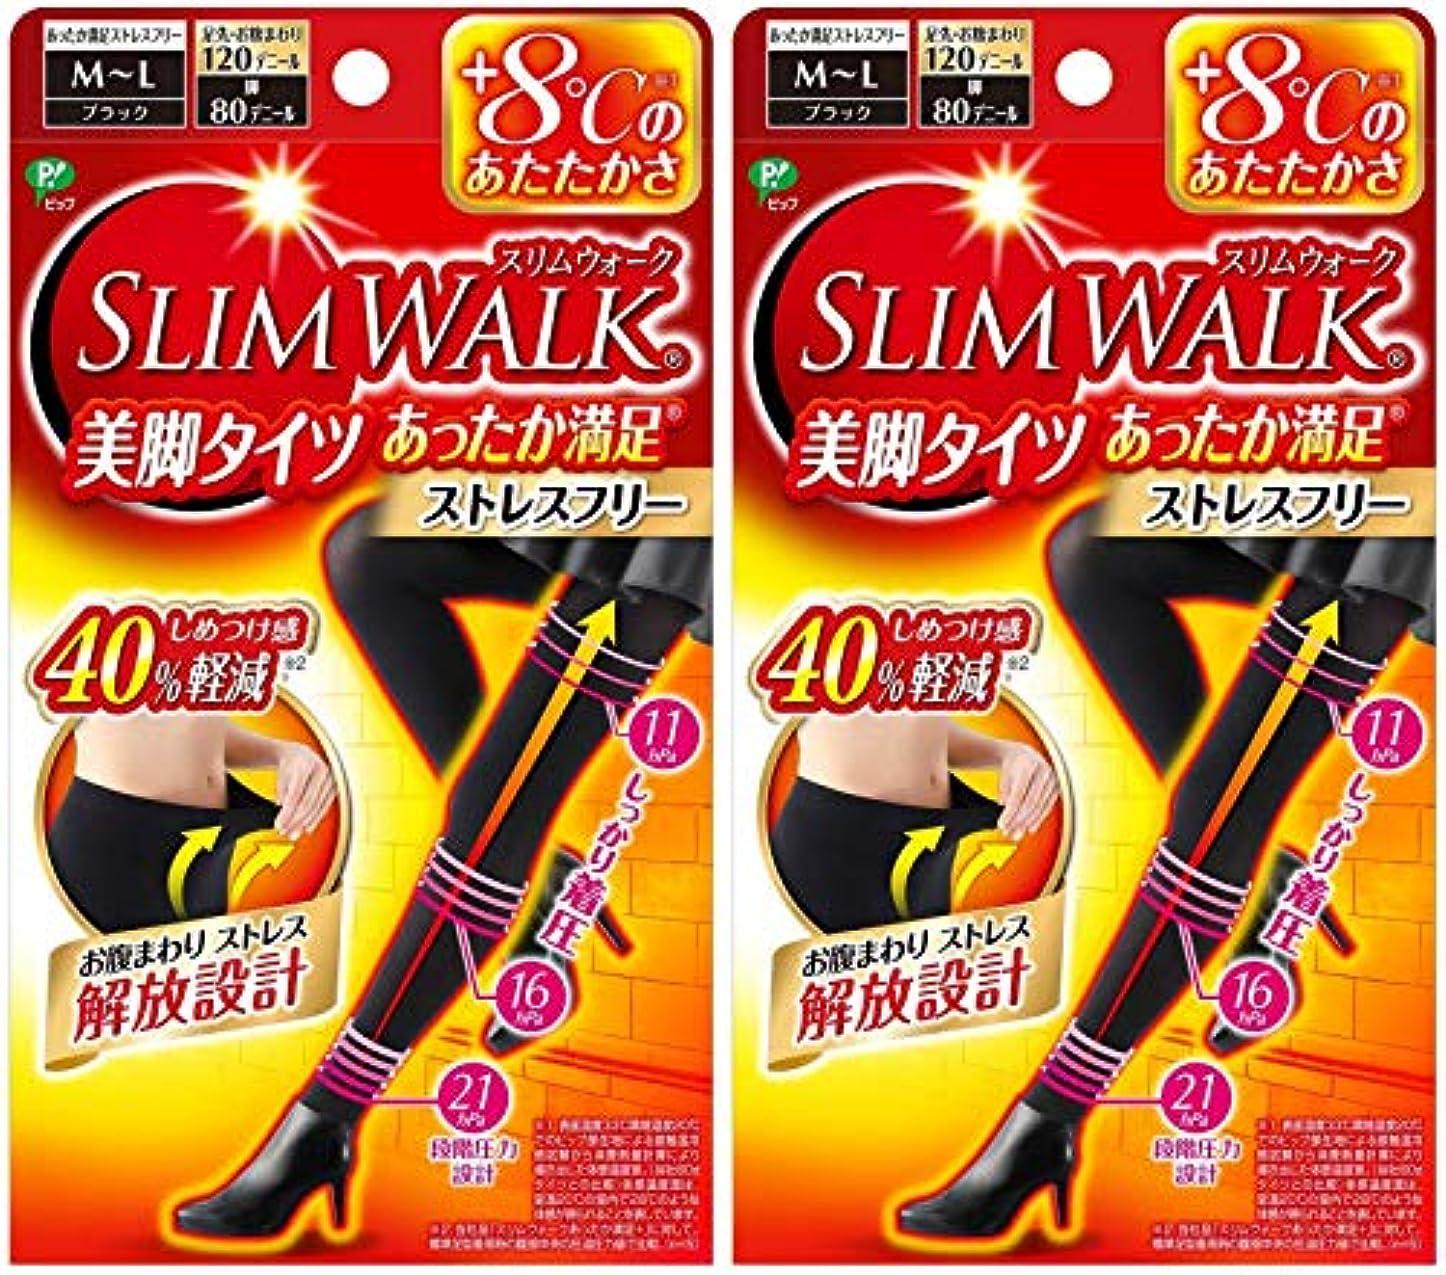 良い参加者謝罪する【2個セット】 スリムウォーク (SLIM WALK) 美脚タイツ あったか満足 おそと用 M~Lサイズ